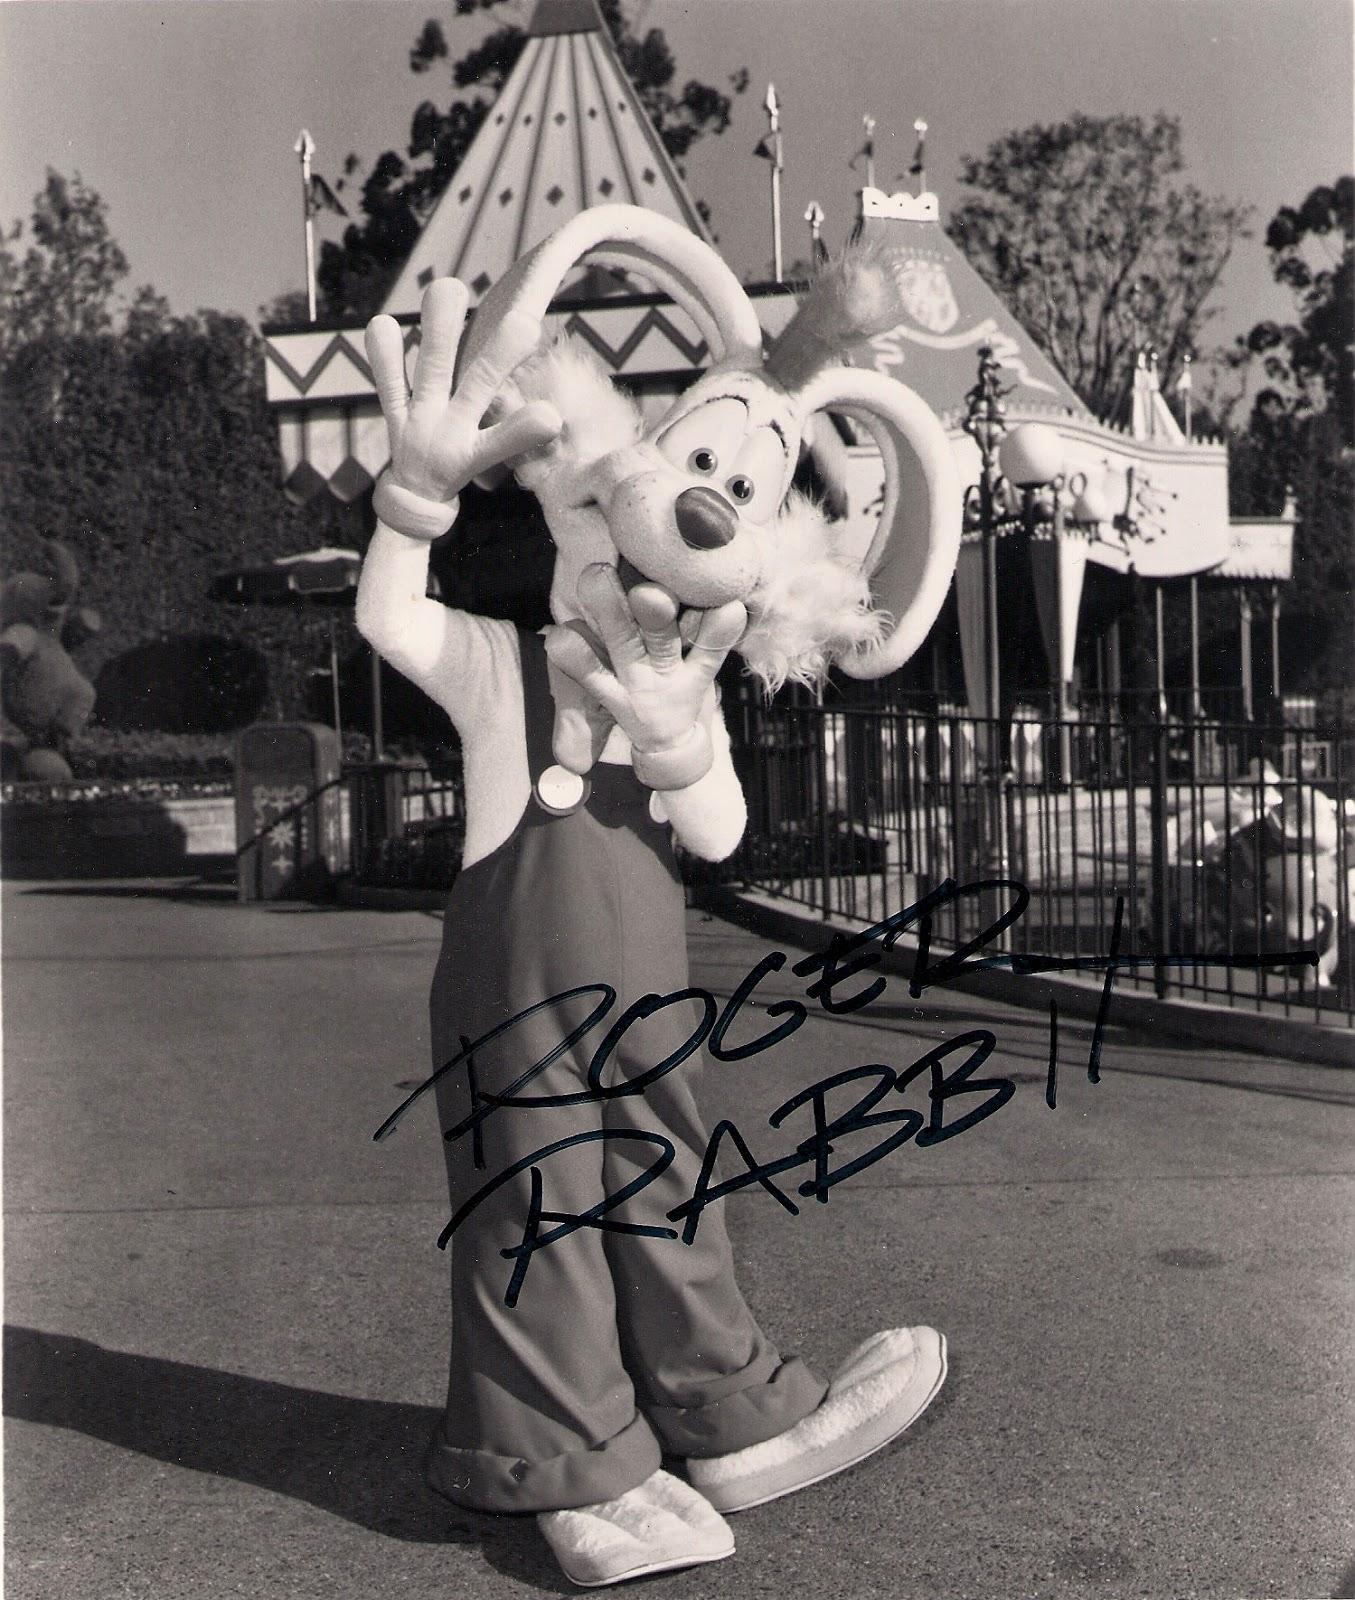 Quién engañó a Roger Rabbit (1988) – weird sci-fi show